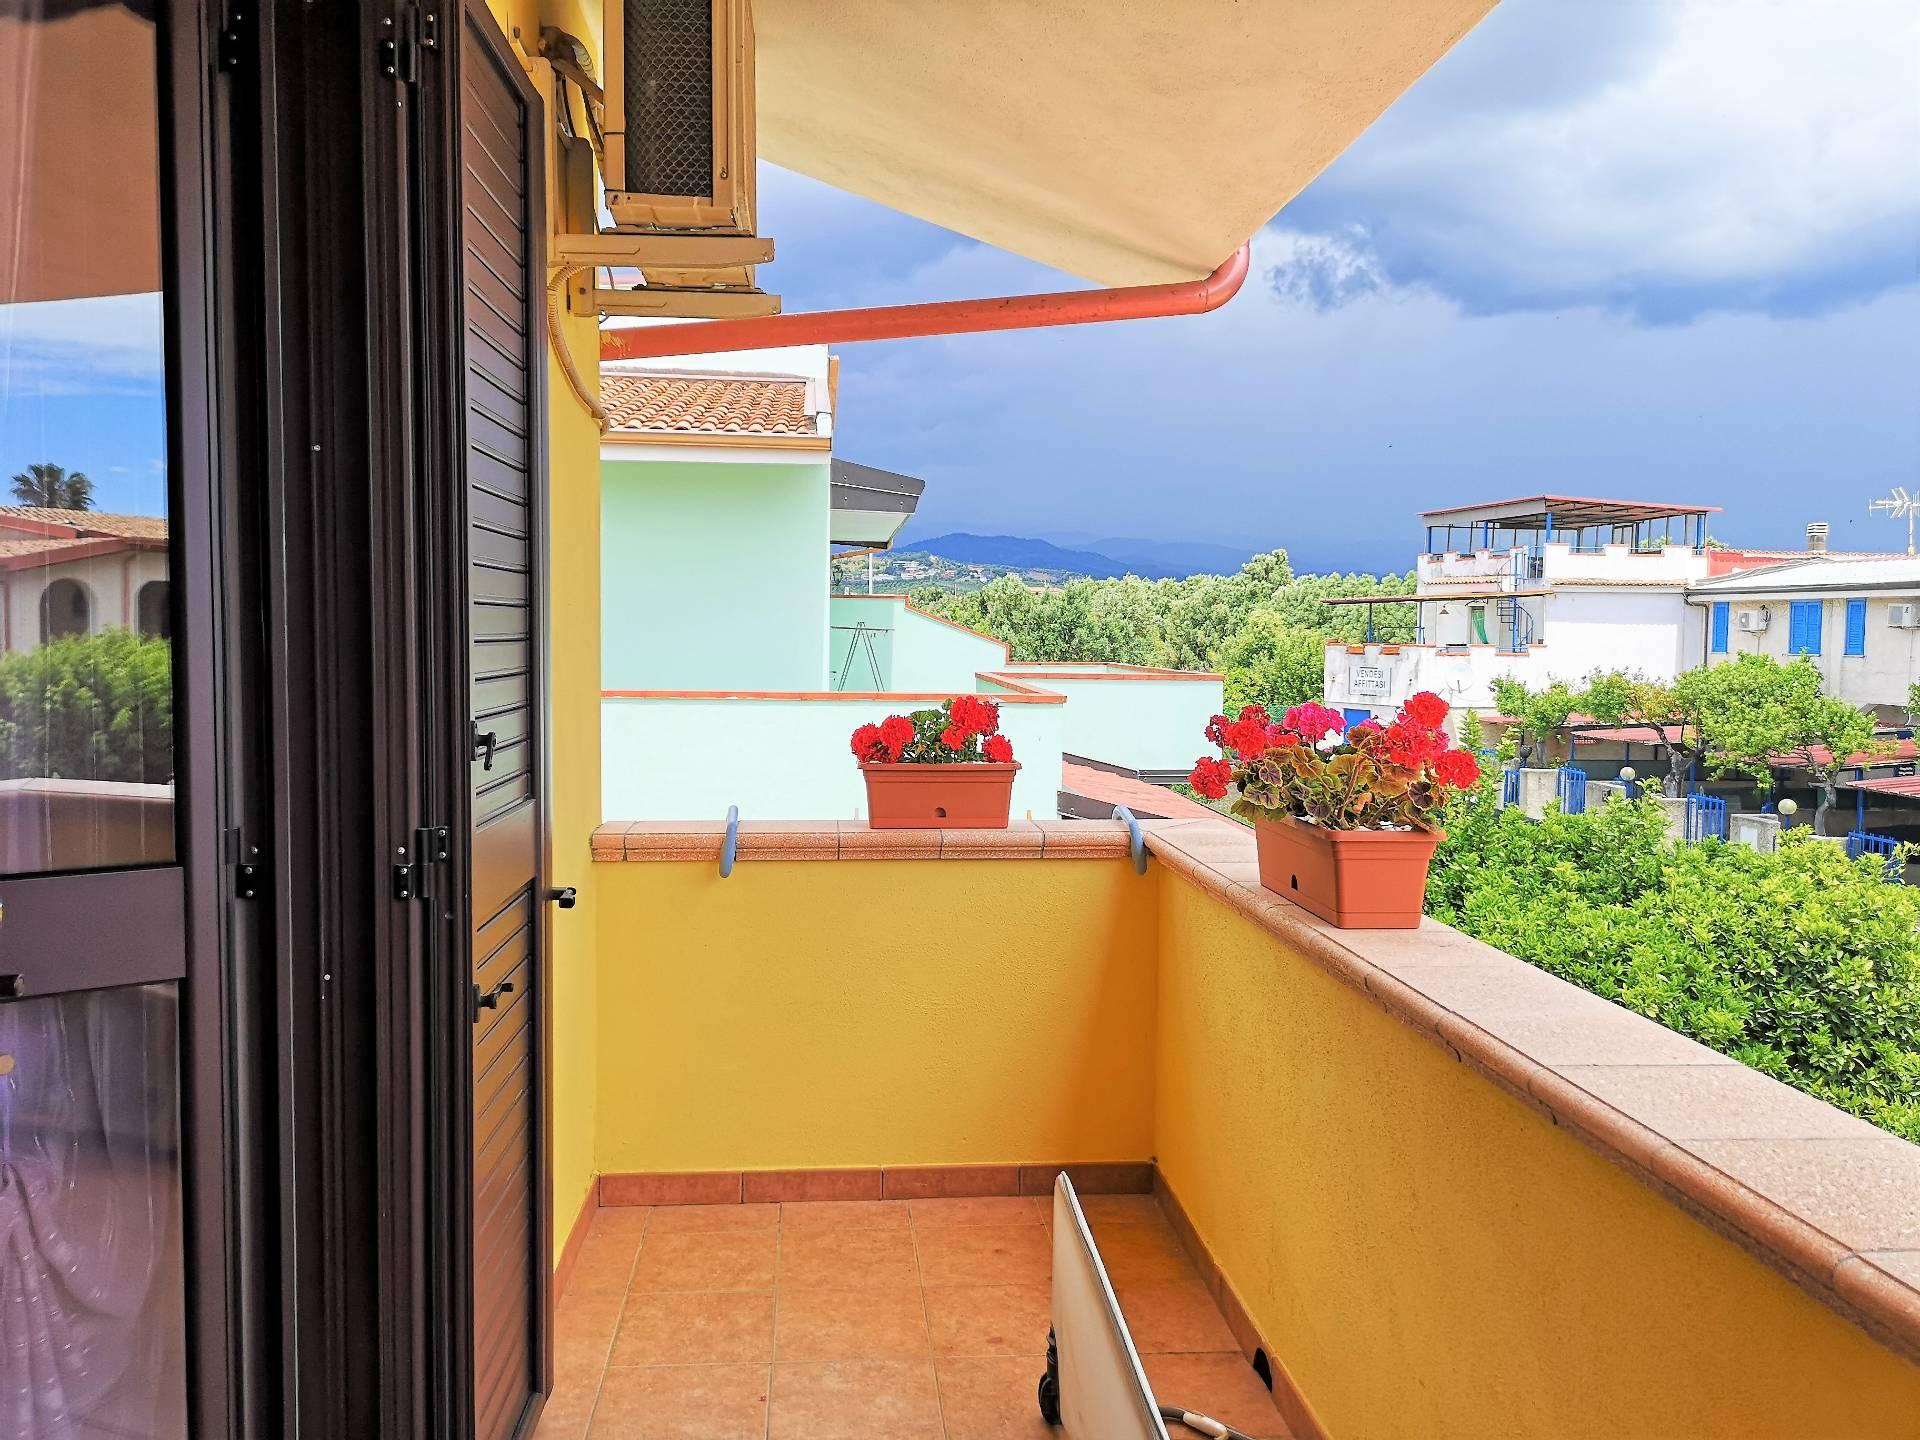 Villa Bifamiliare in vendita a Sellia Marina, 3 locali, zona Zona: Cipollina, prezzo € 75.000 | CambioCasa.it